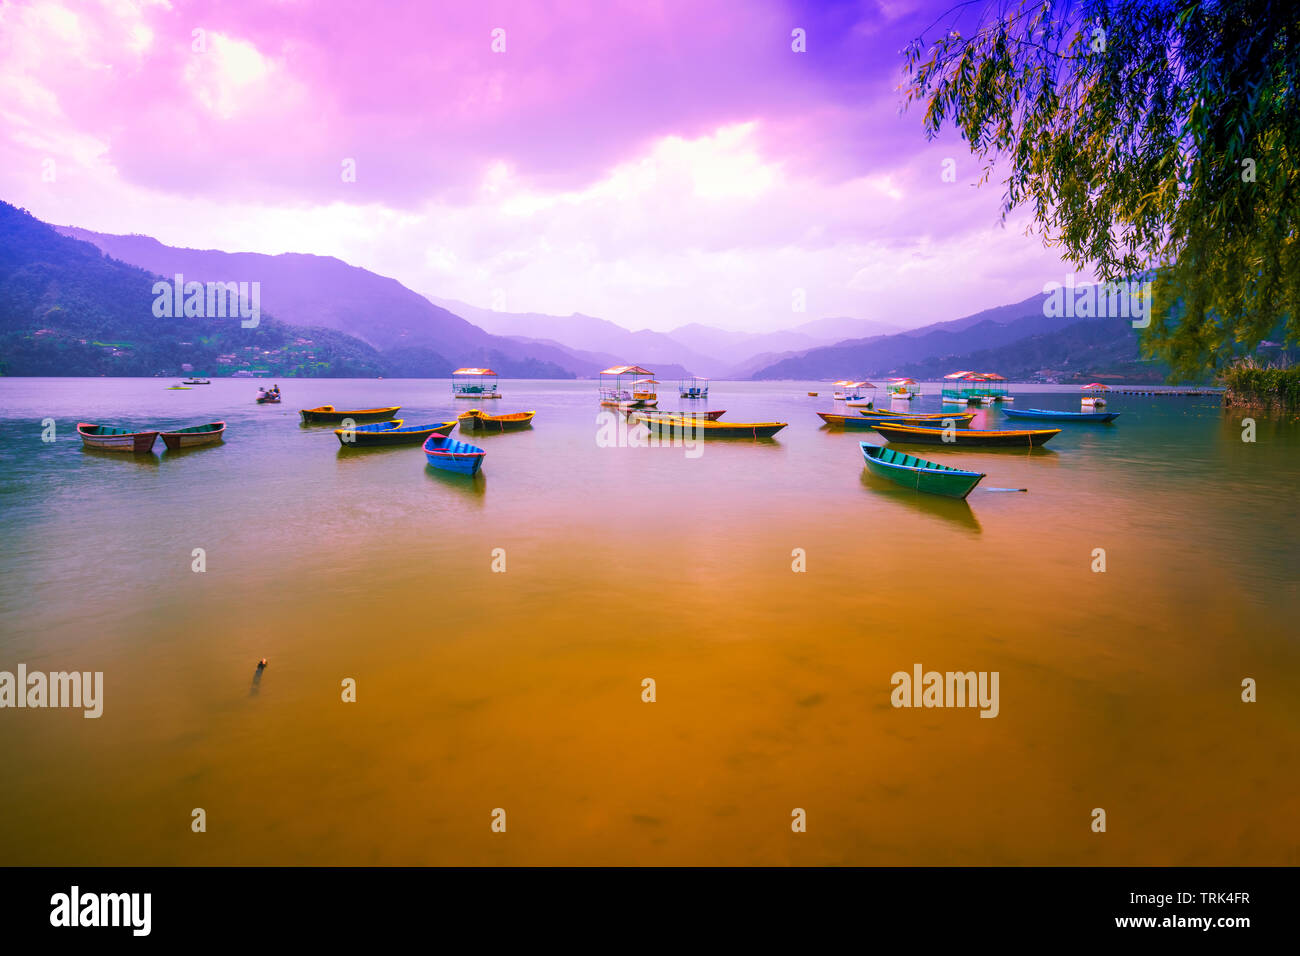 Beautiful Phewa Lake and Colorful Boats. with sunset sky.view from Phewa Lake Pokhara Nepal. - Stock Image